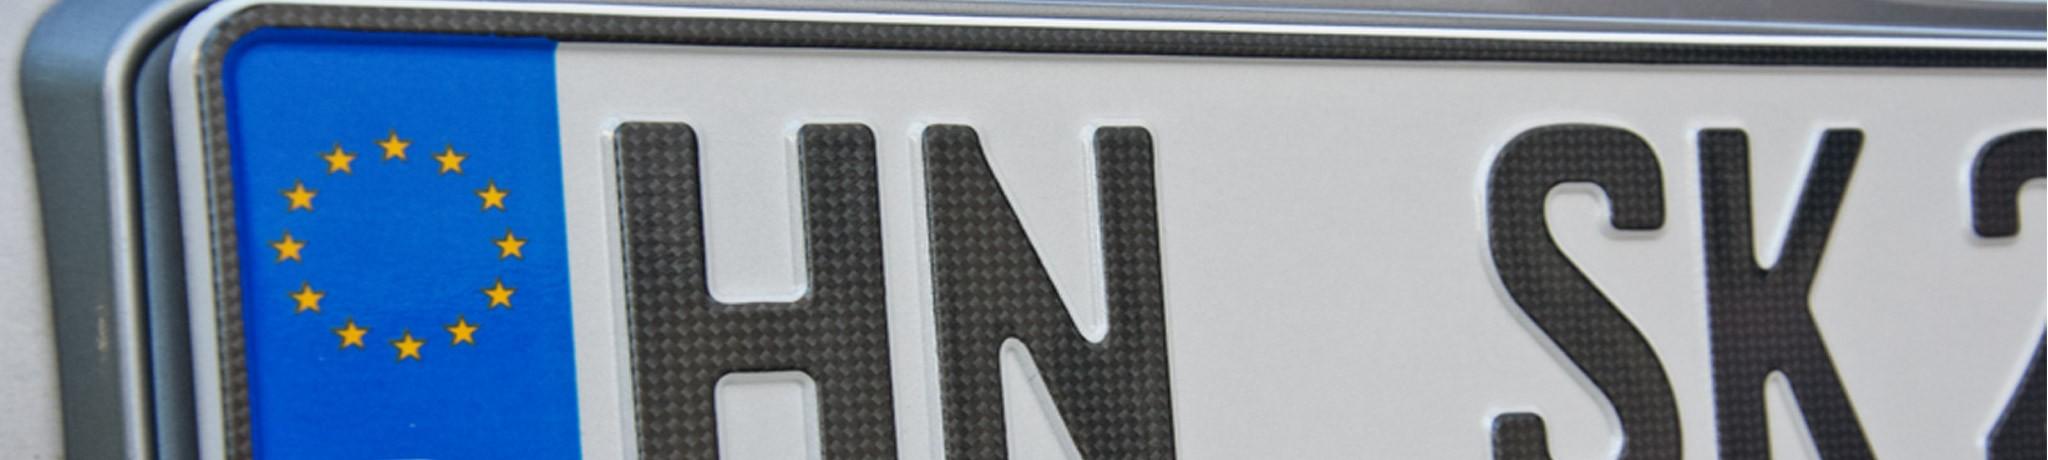 Autokennzeichen Carbon